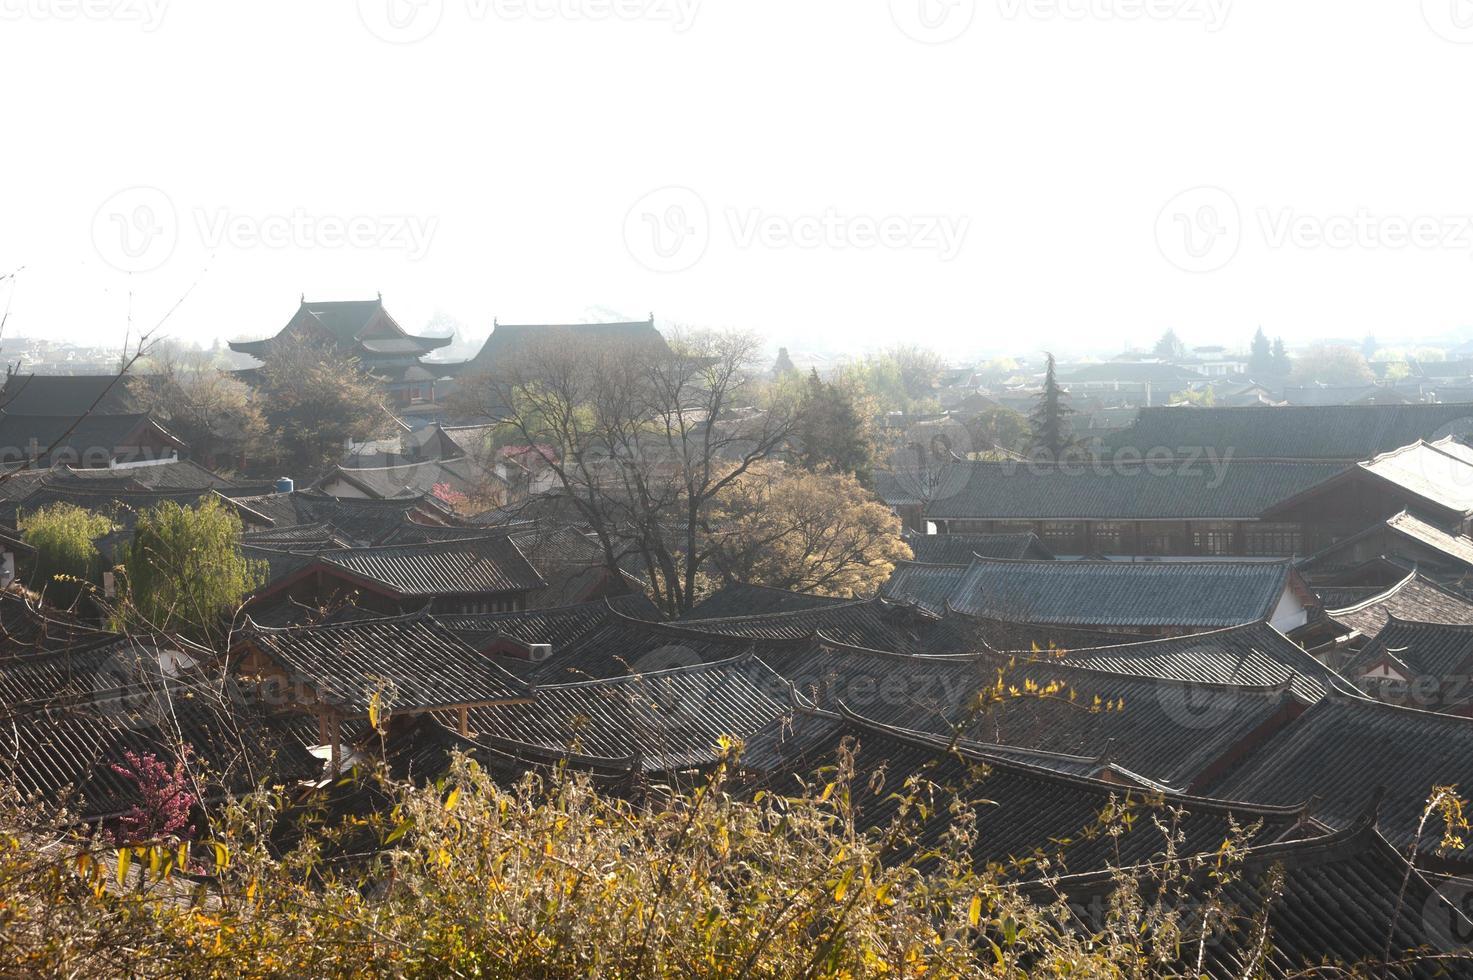 tak av gamla historiska lijiang dayan gamla stan. foto